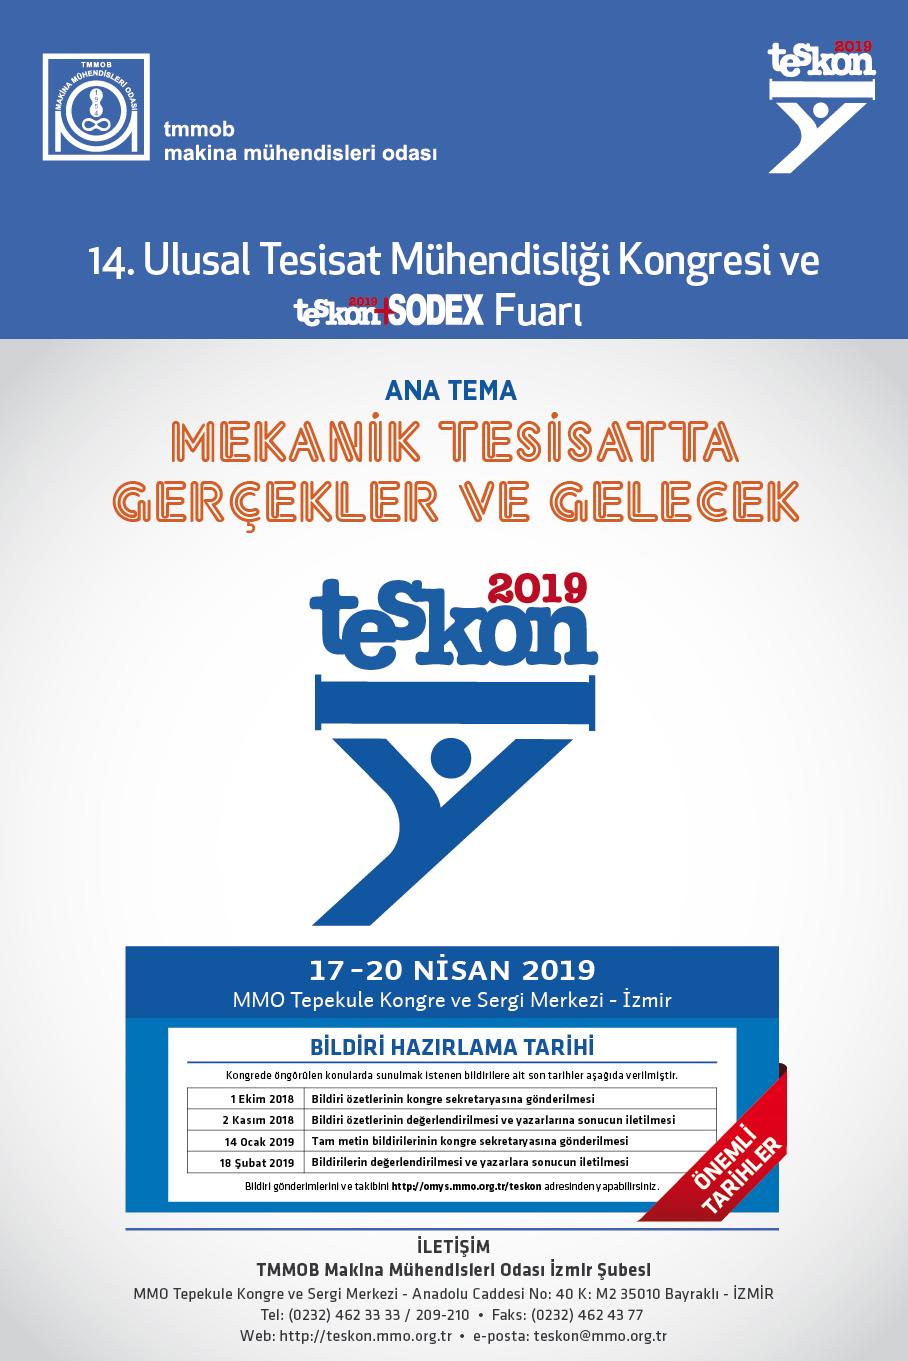 26 Nisan 2019 Cumartesi